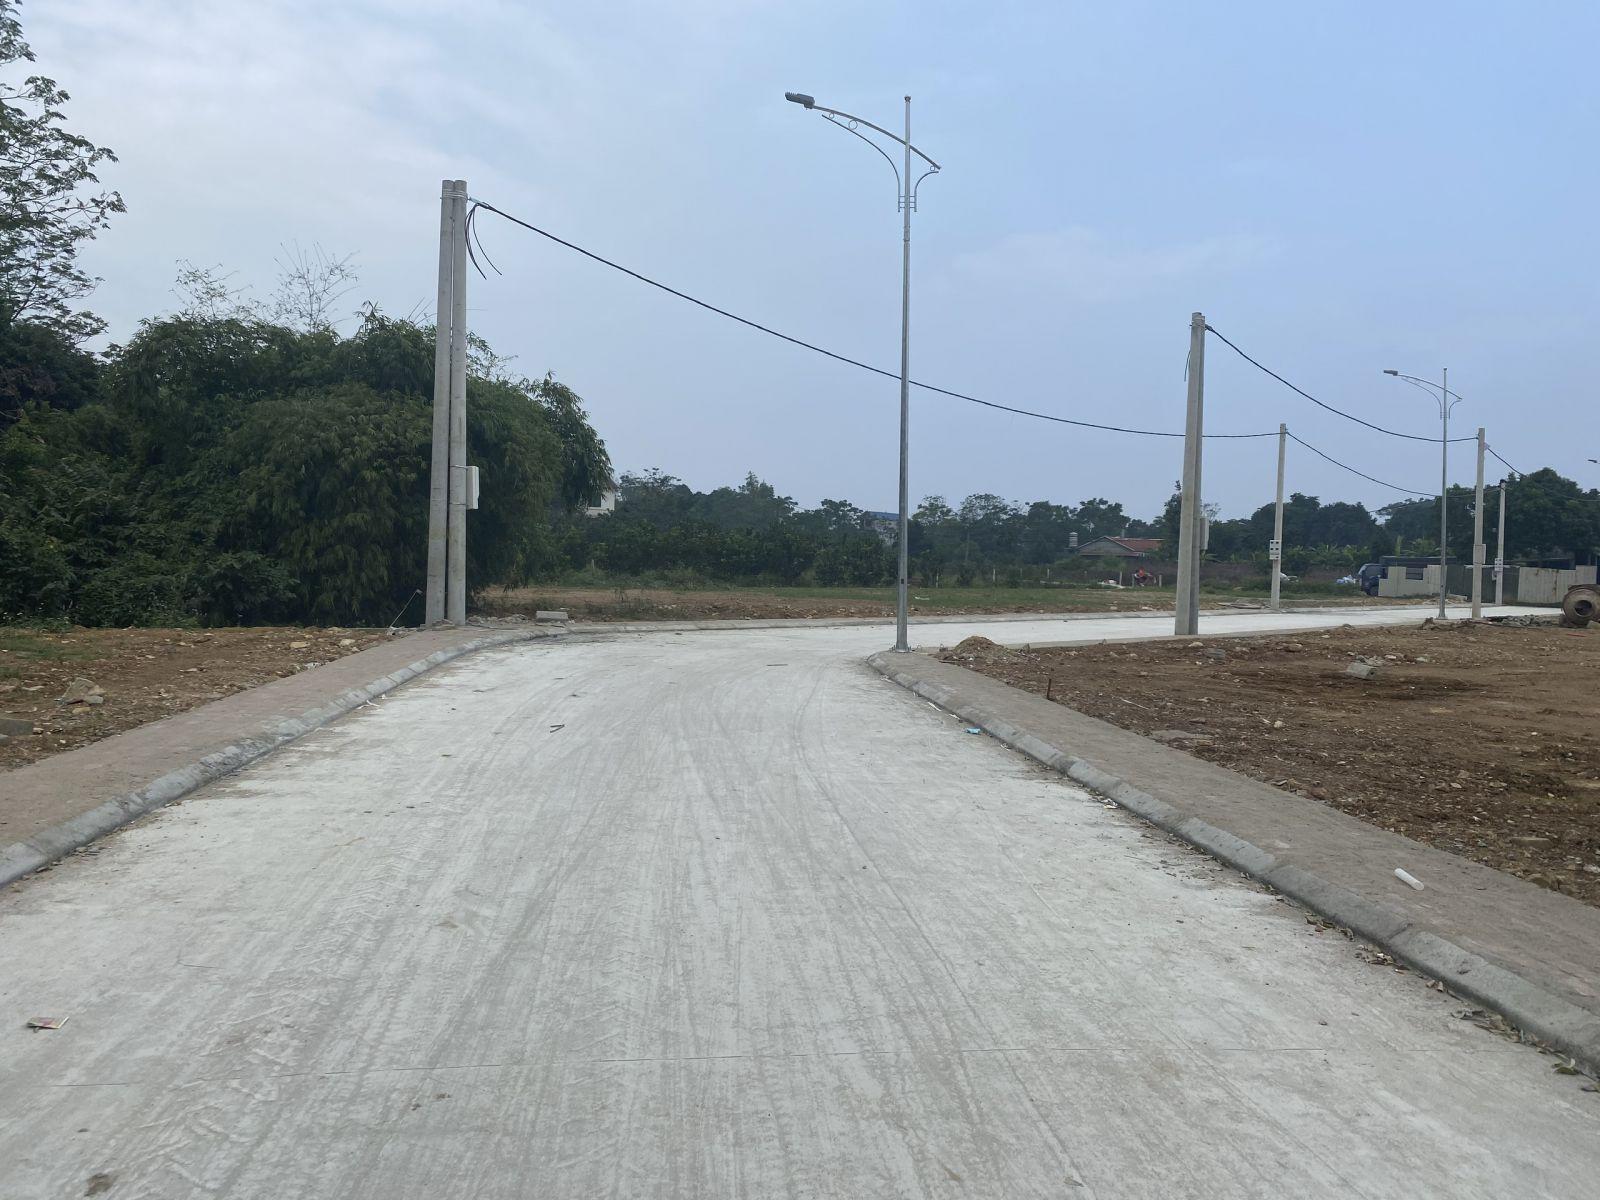 Kế hoạch sử dụng đất xã Đông Sơn, Chương Mỹ, Hà Nội năm 2021 - Ảnh 1.